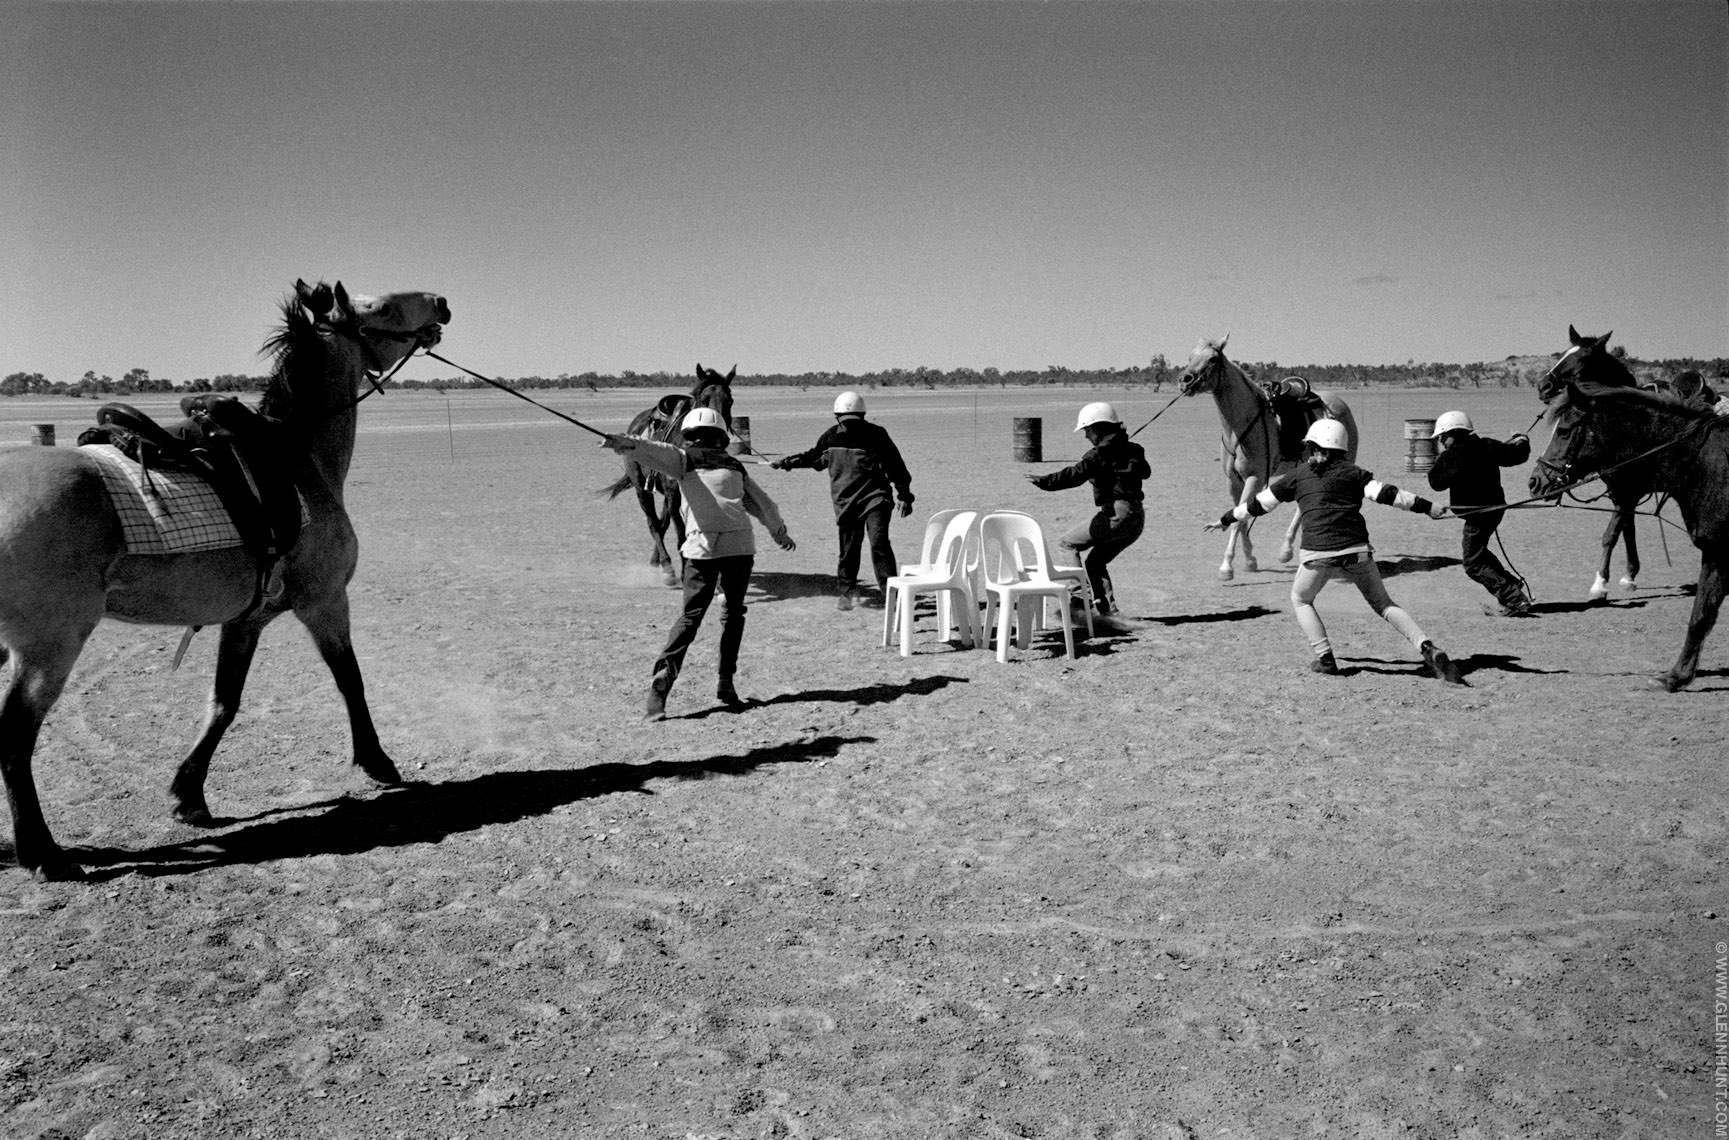 Horses in the Australian outback. Birdsville Races, Lightning Cr